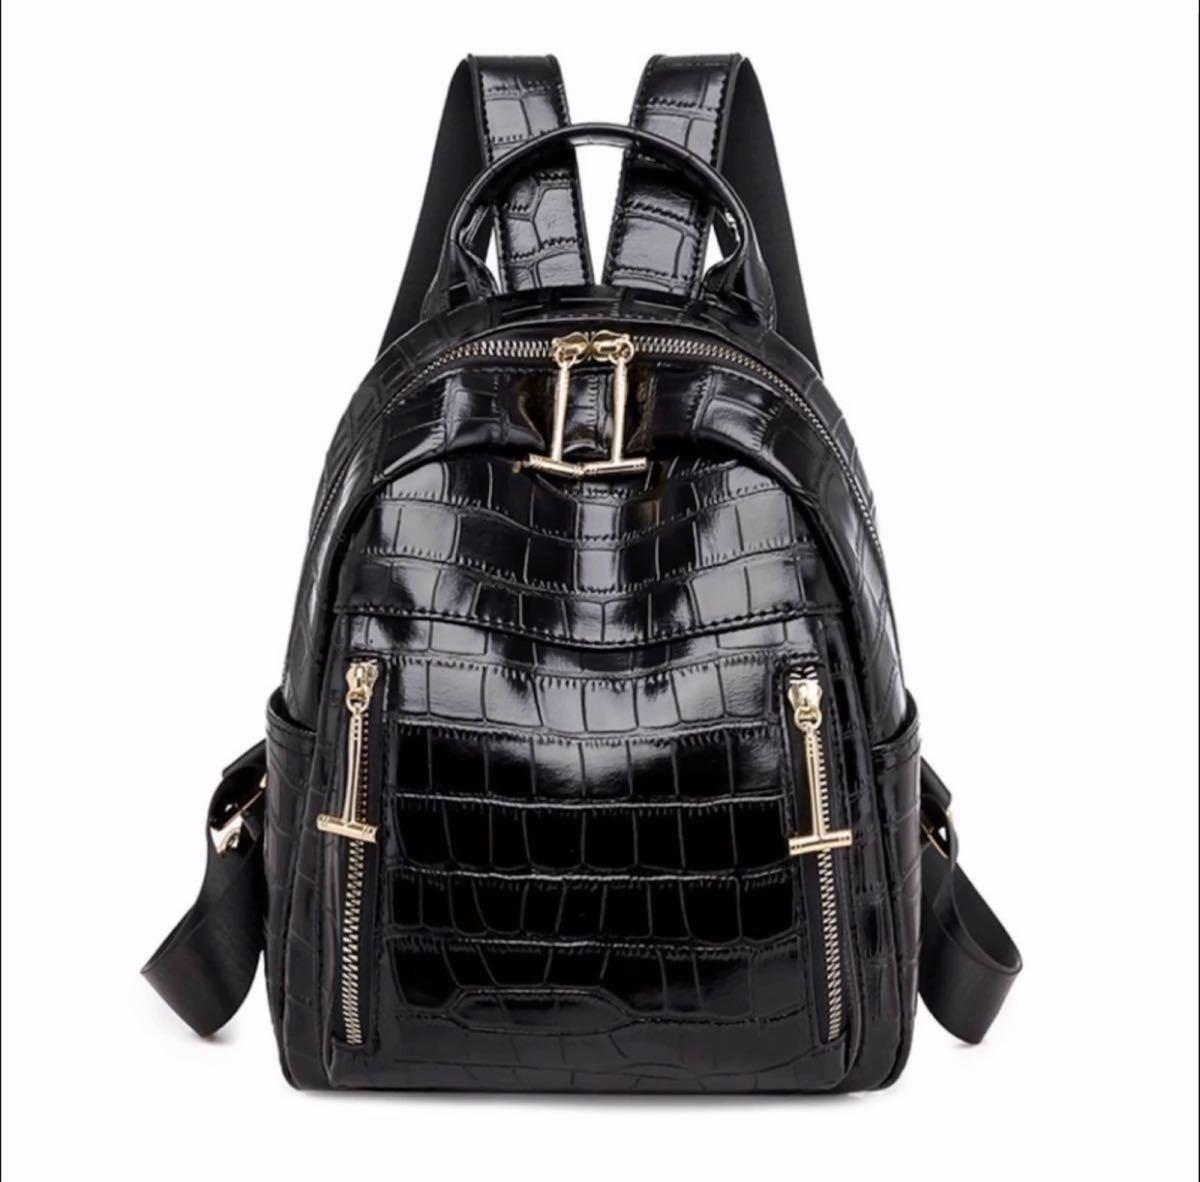 リュックサック レディースバッグ バックパック 高品質 大容量 ブラック